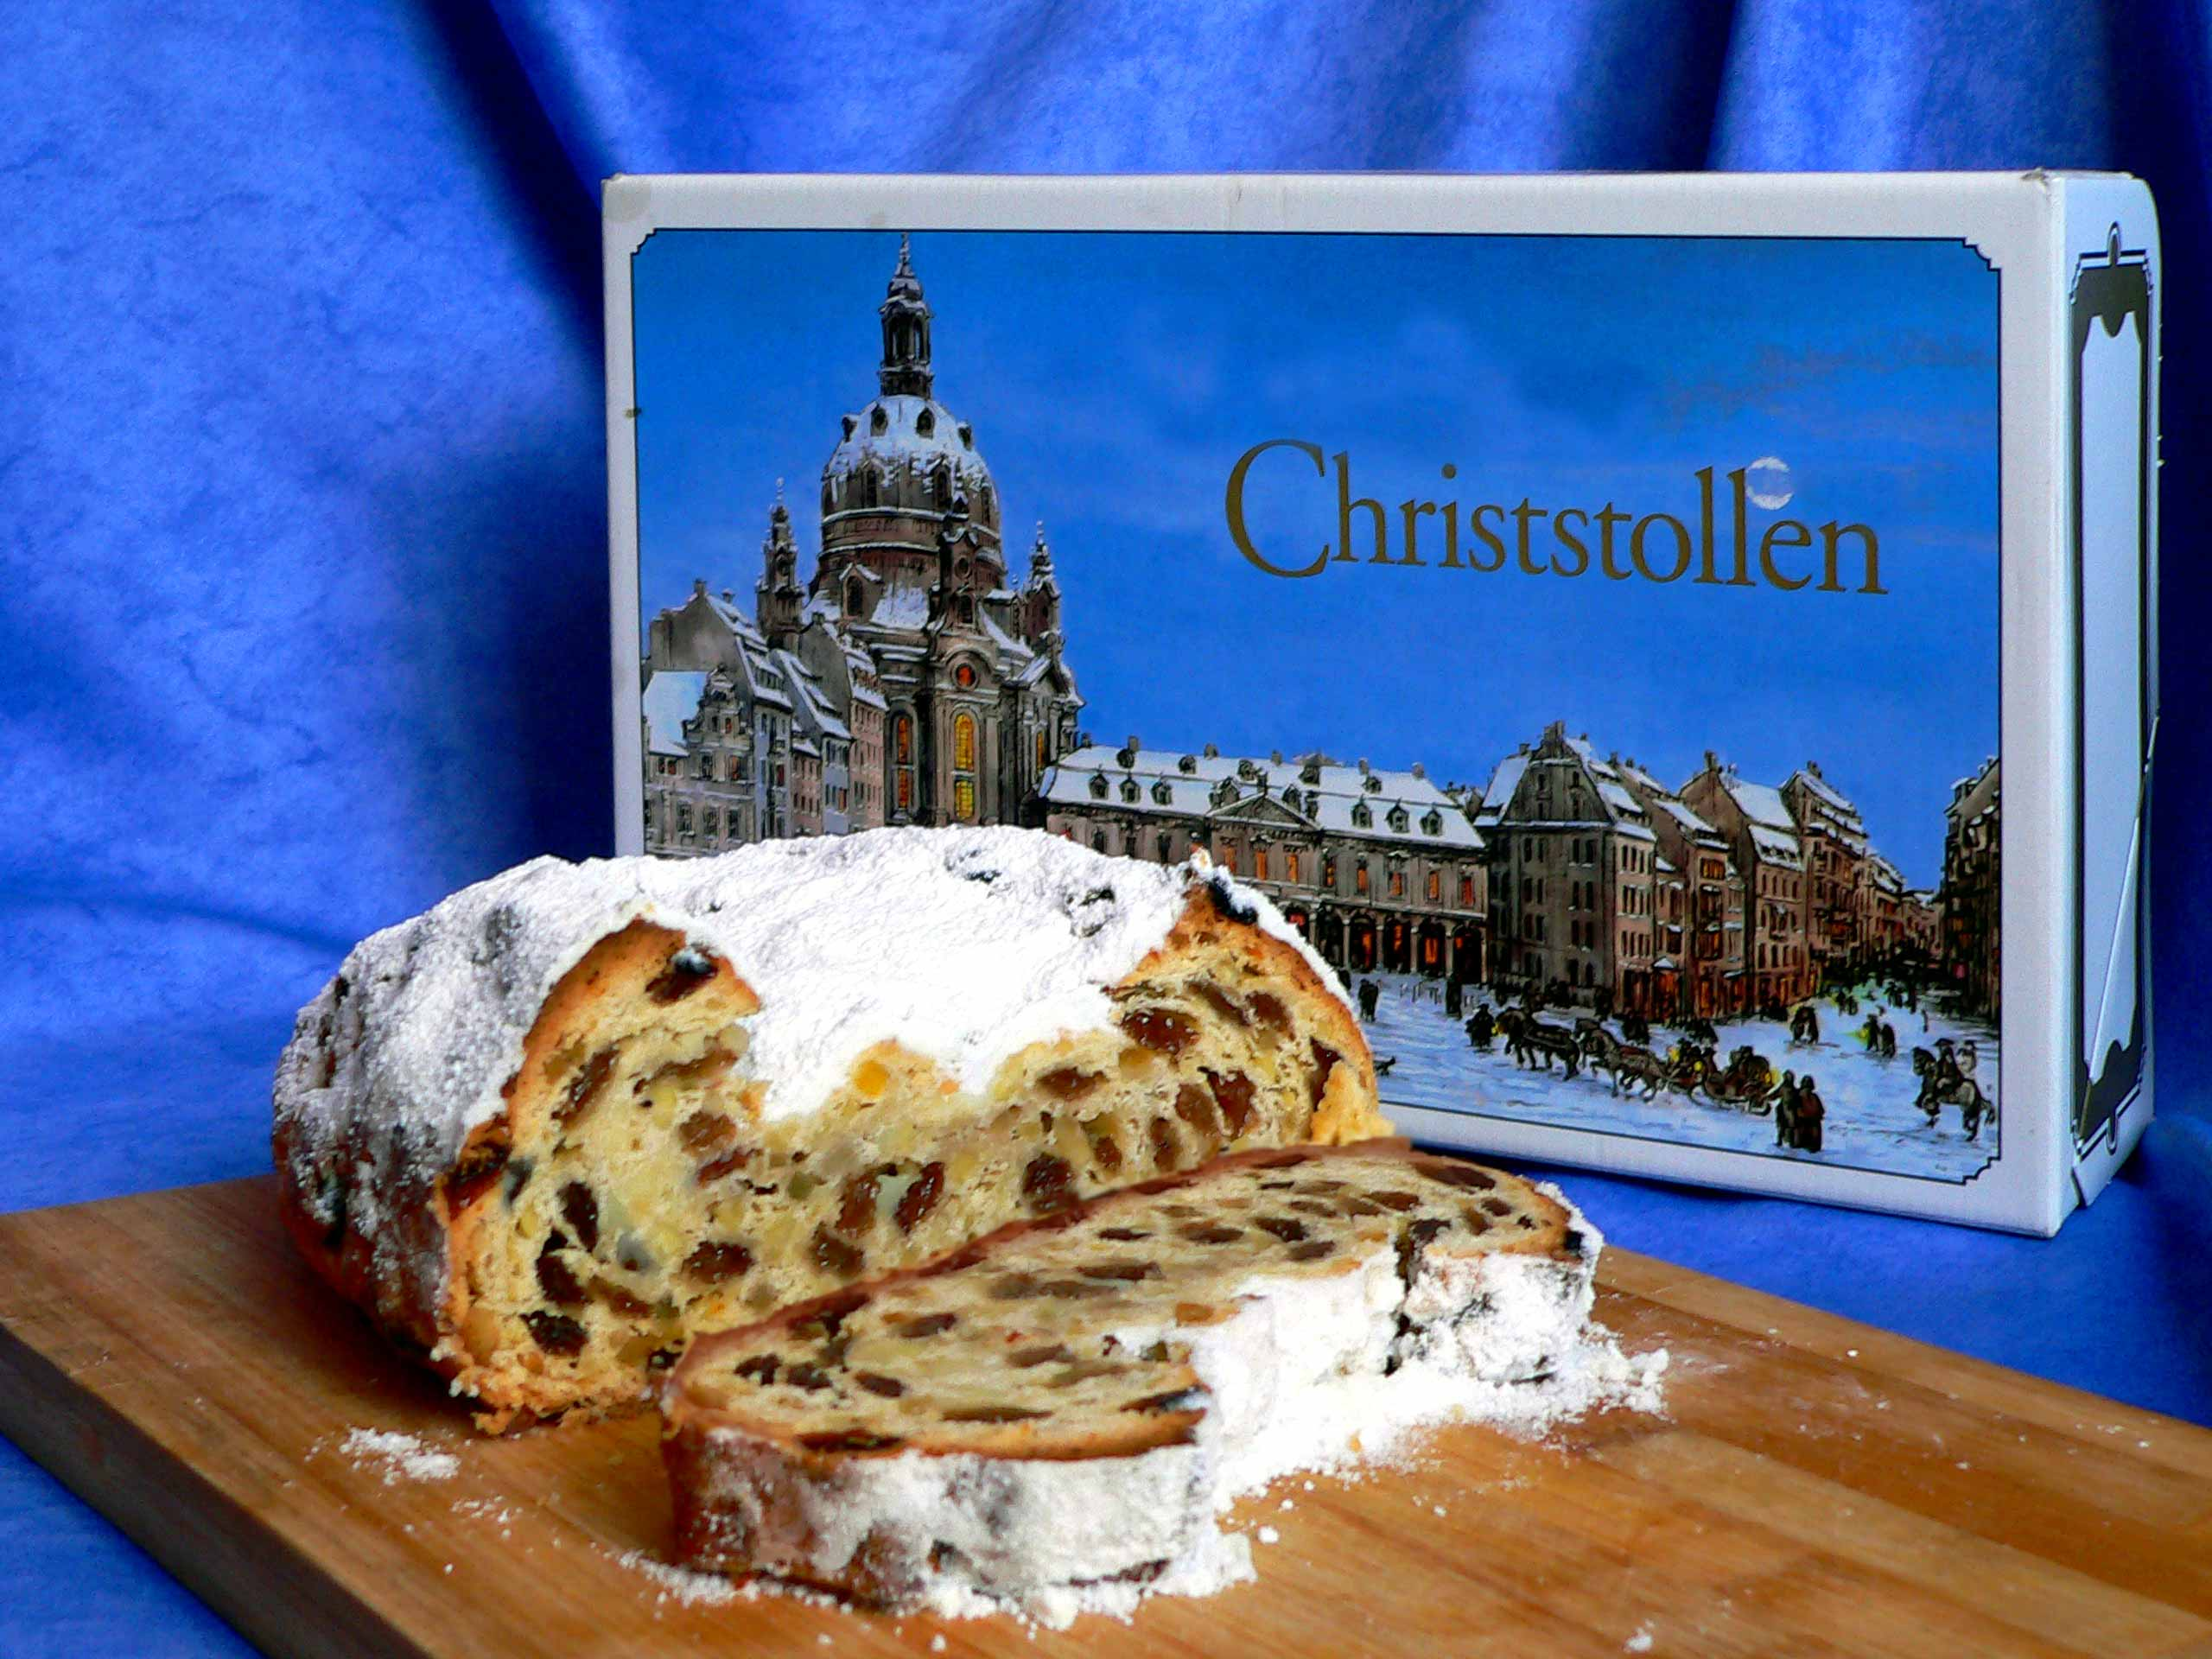 File:Stollen-Dresdner Christstollen.jpg - Wikimedia Commons